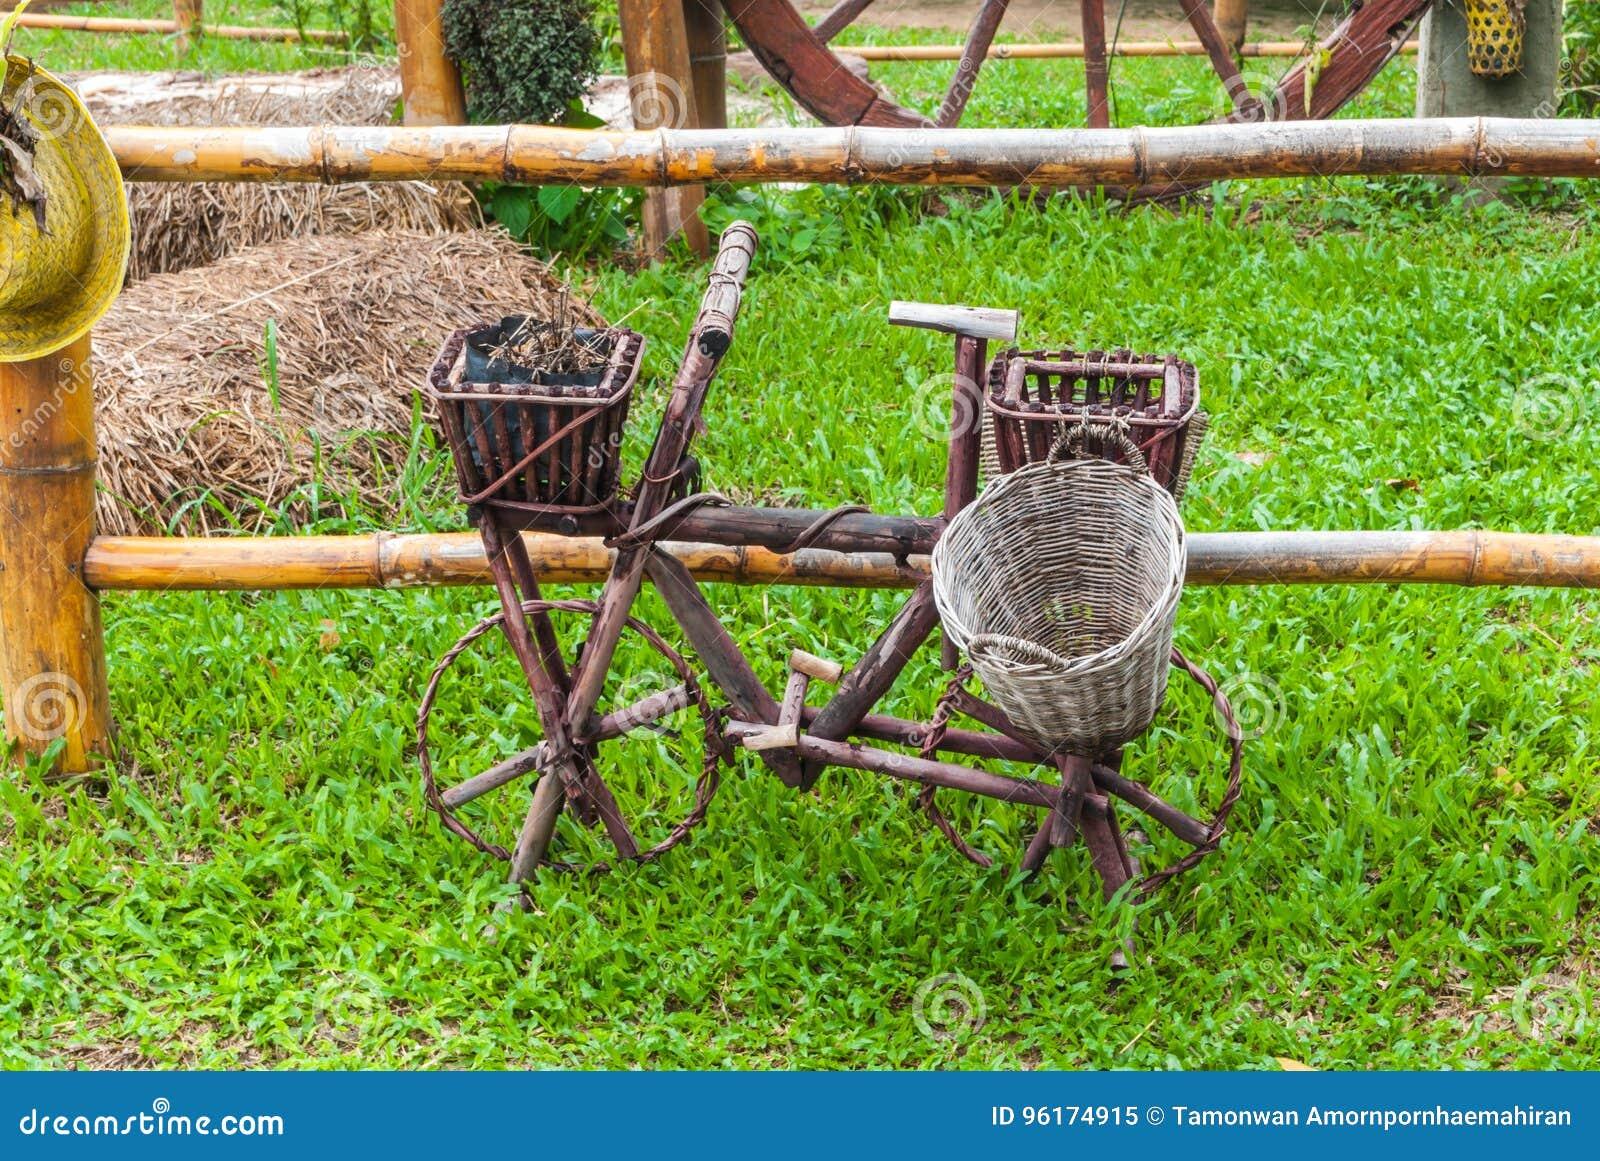 Gras In Tuin : Mieren in het gazon u bestrijden van mieren in de tuin